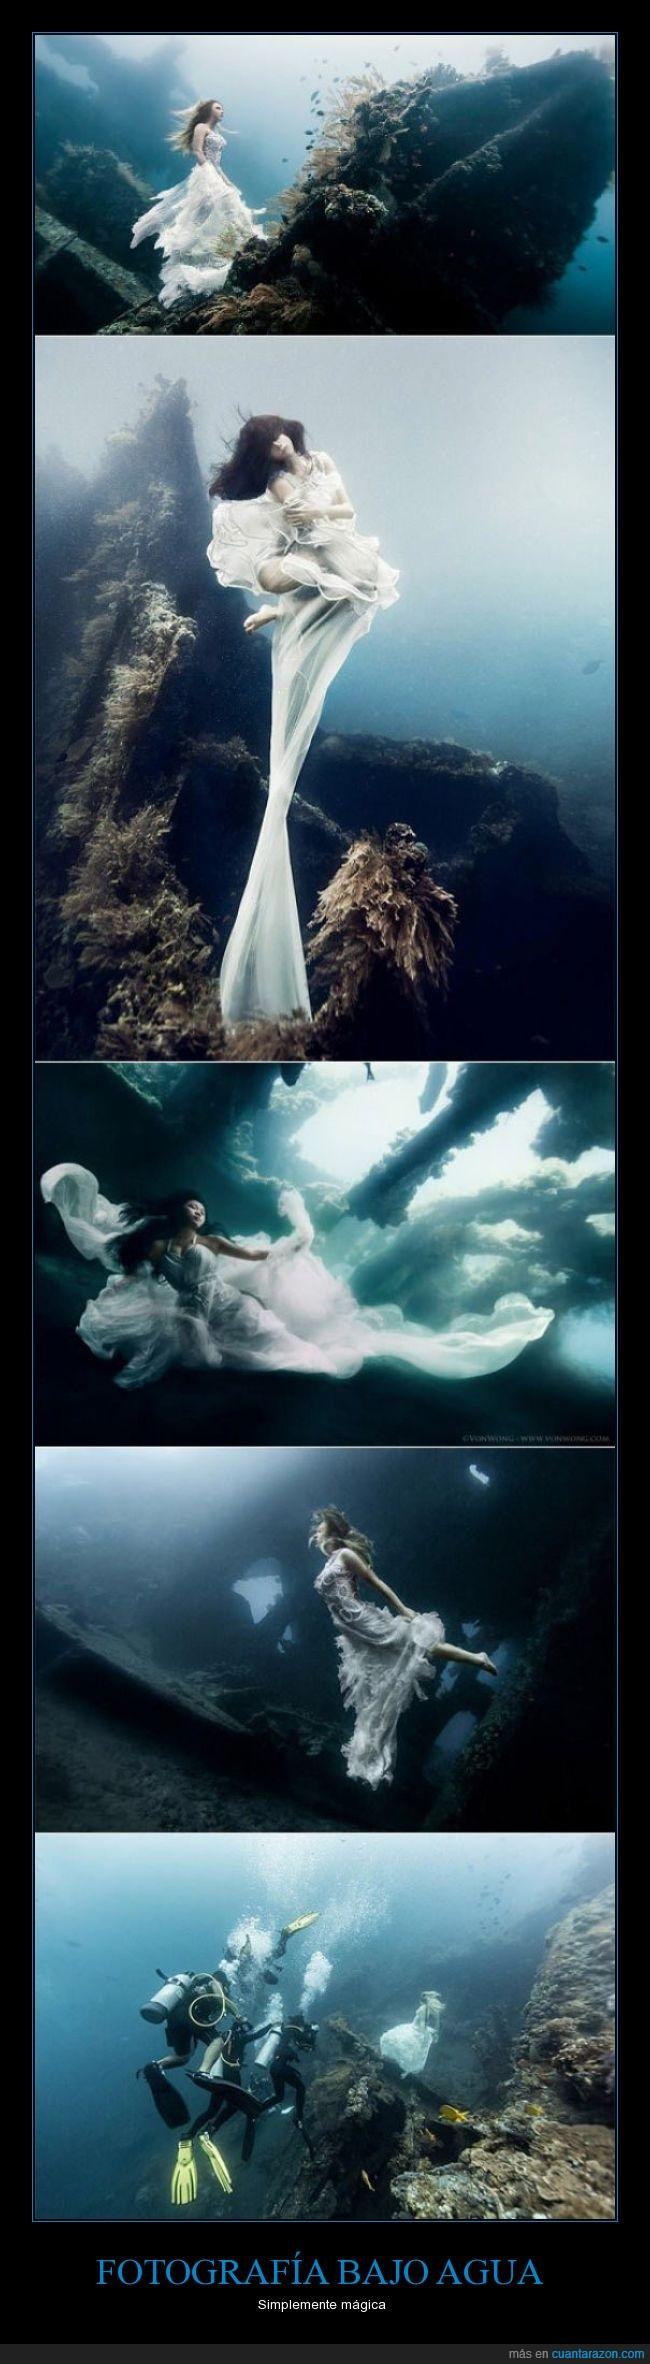 agua,bajo,fotografía,magico,mujer,set,vestido